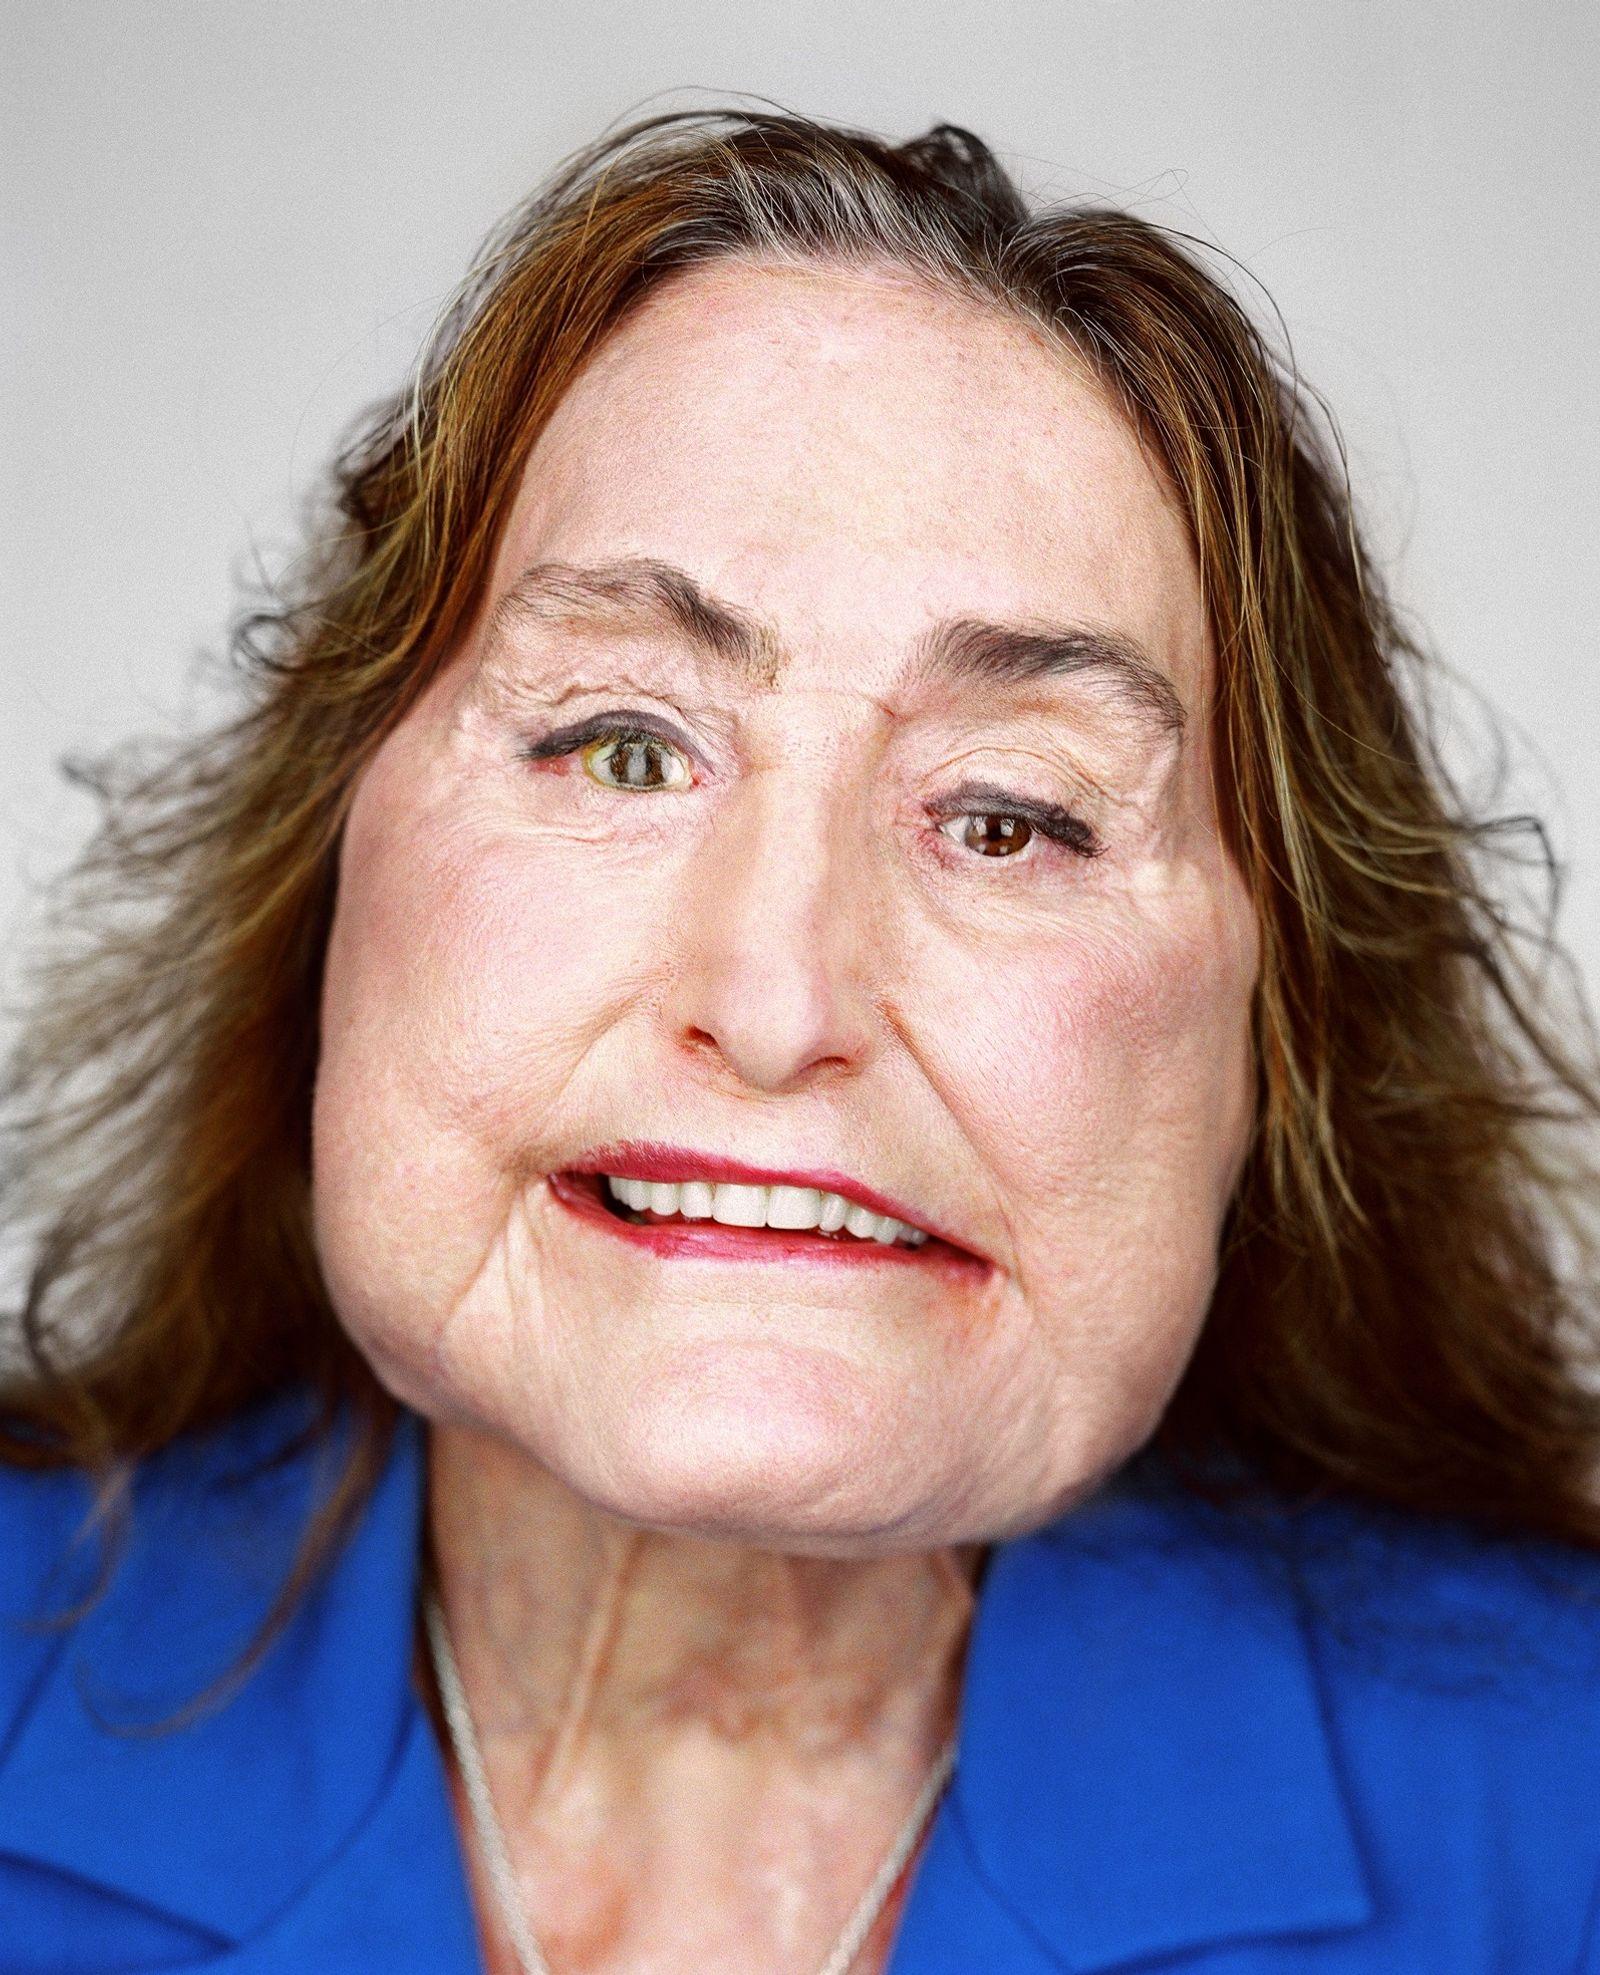 Paroles de transplantés : comment vivre avec un nouveau visage ?